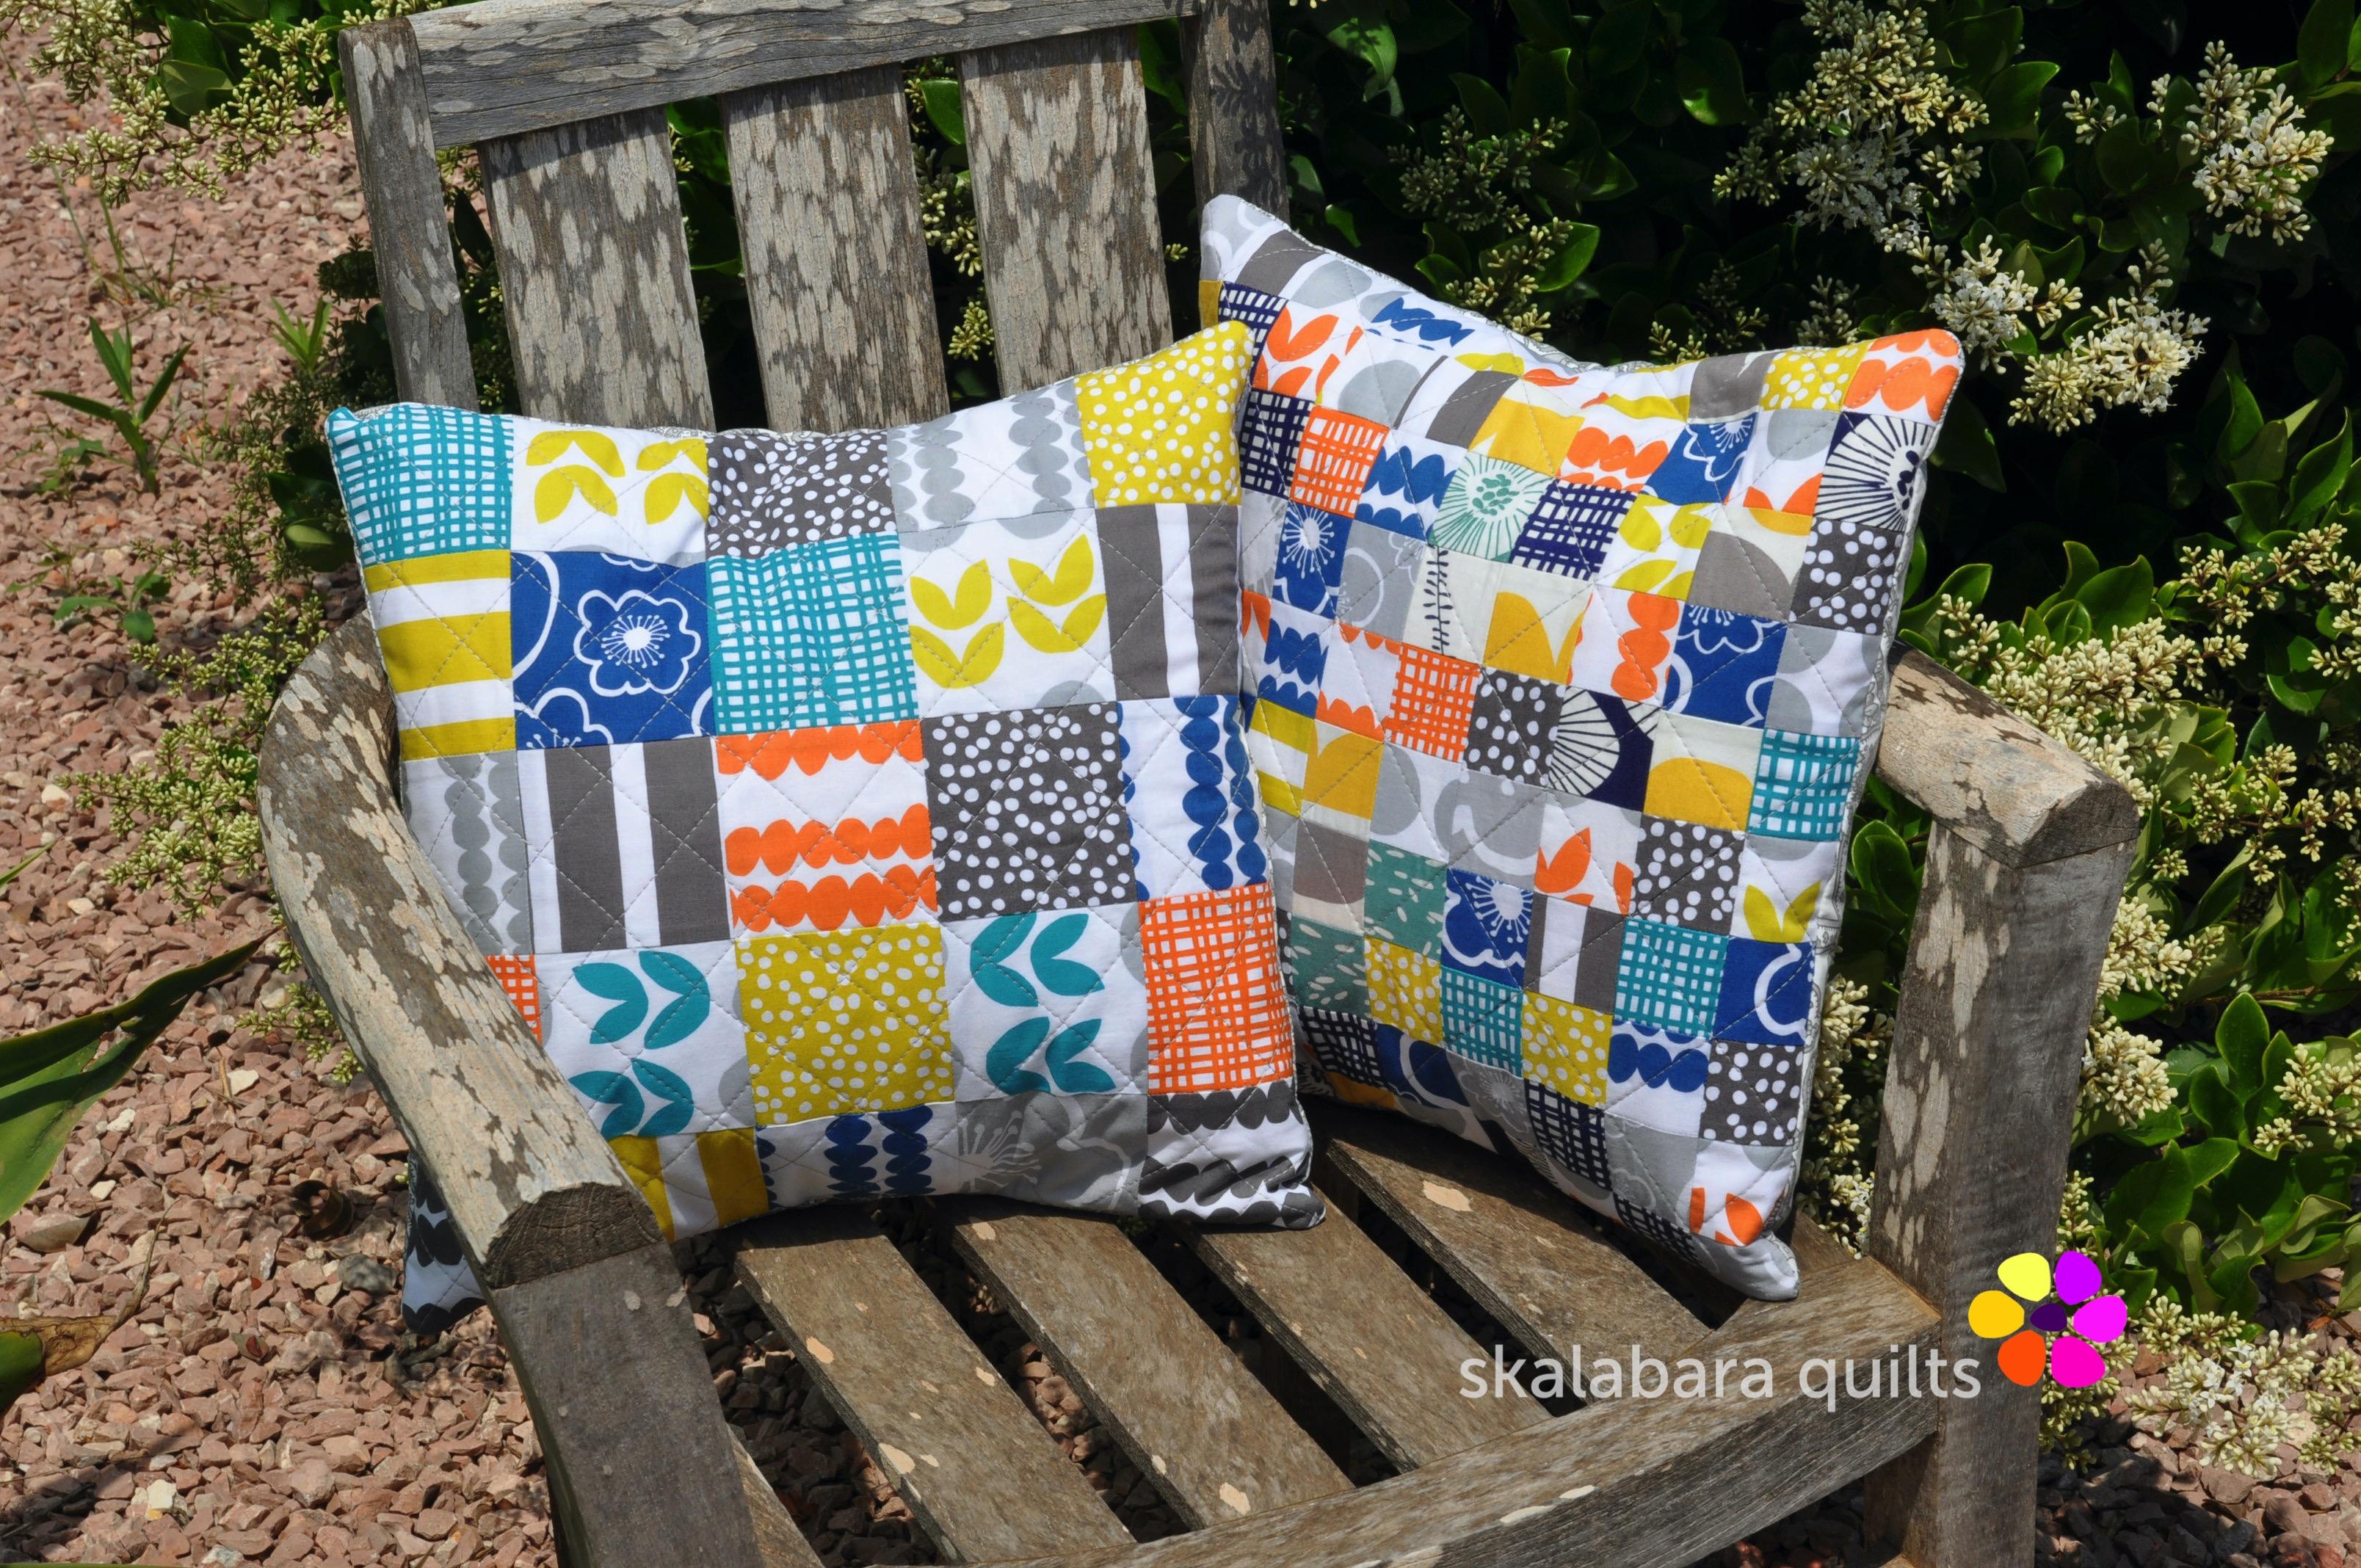 bella cushion covers squares 1 - skalabara quilts